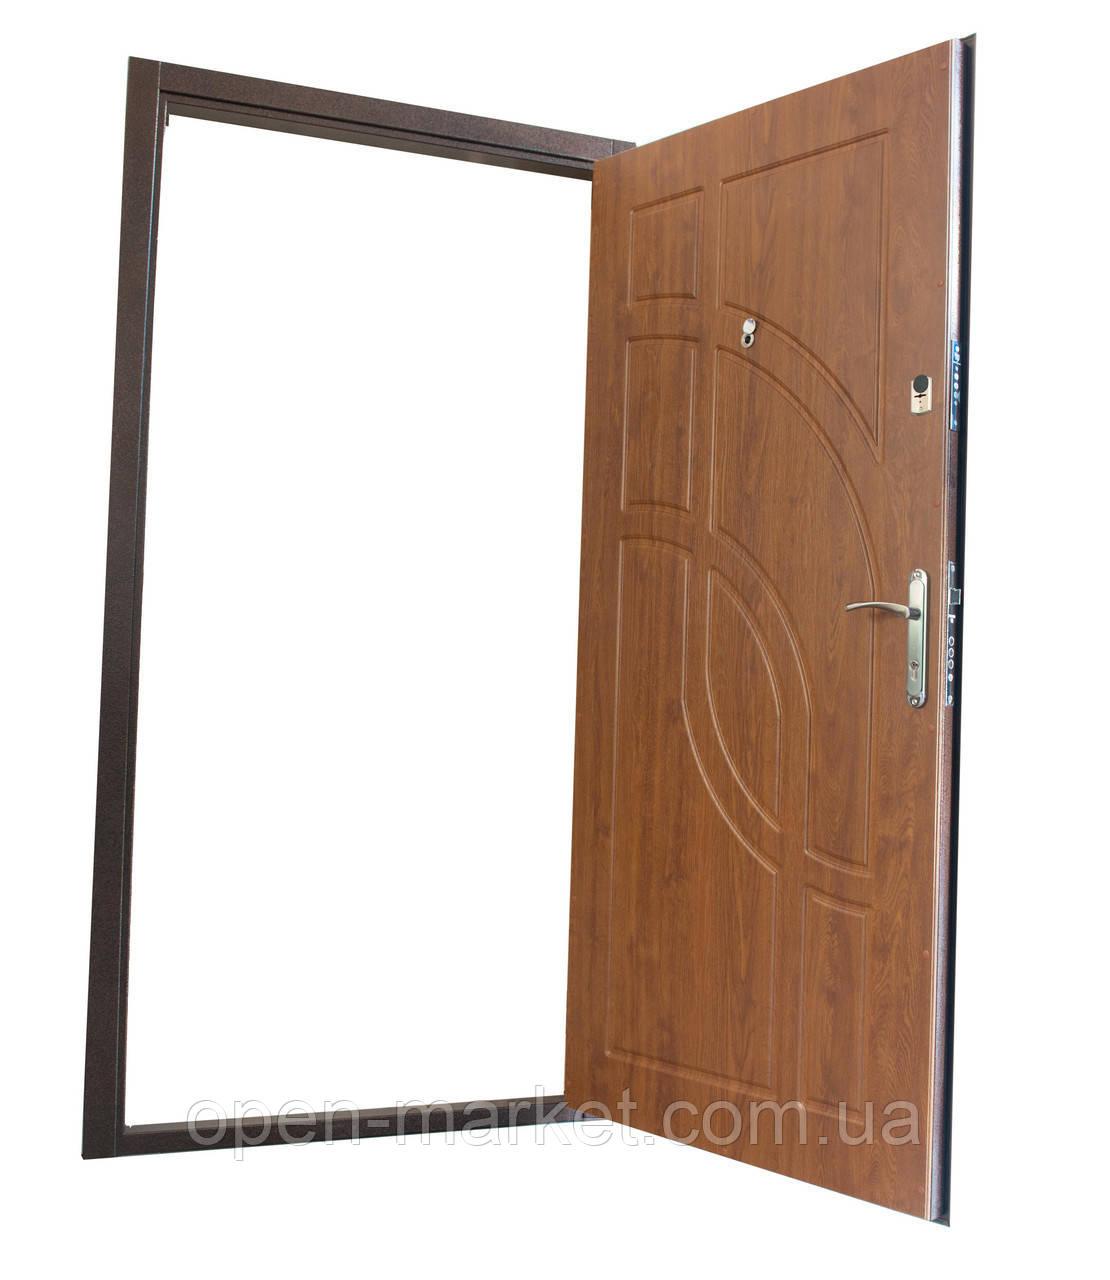 Двери уличные село Центральное Николаевская область